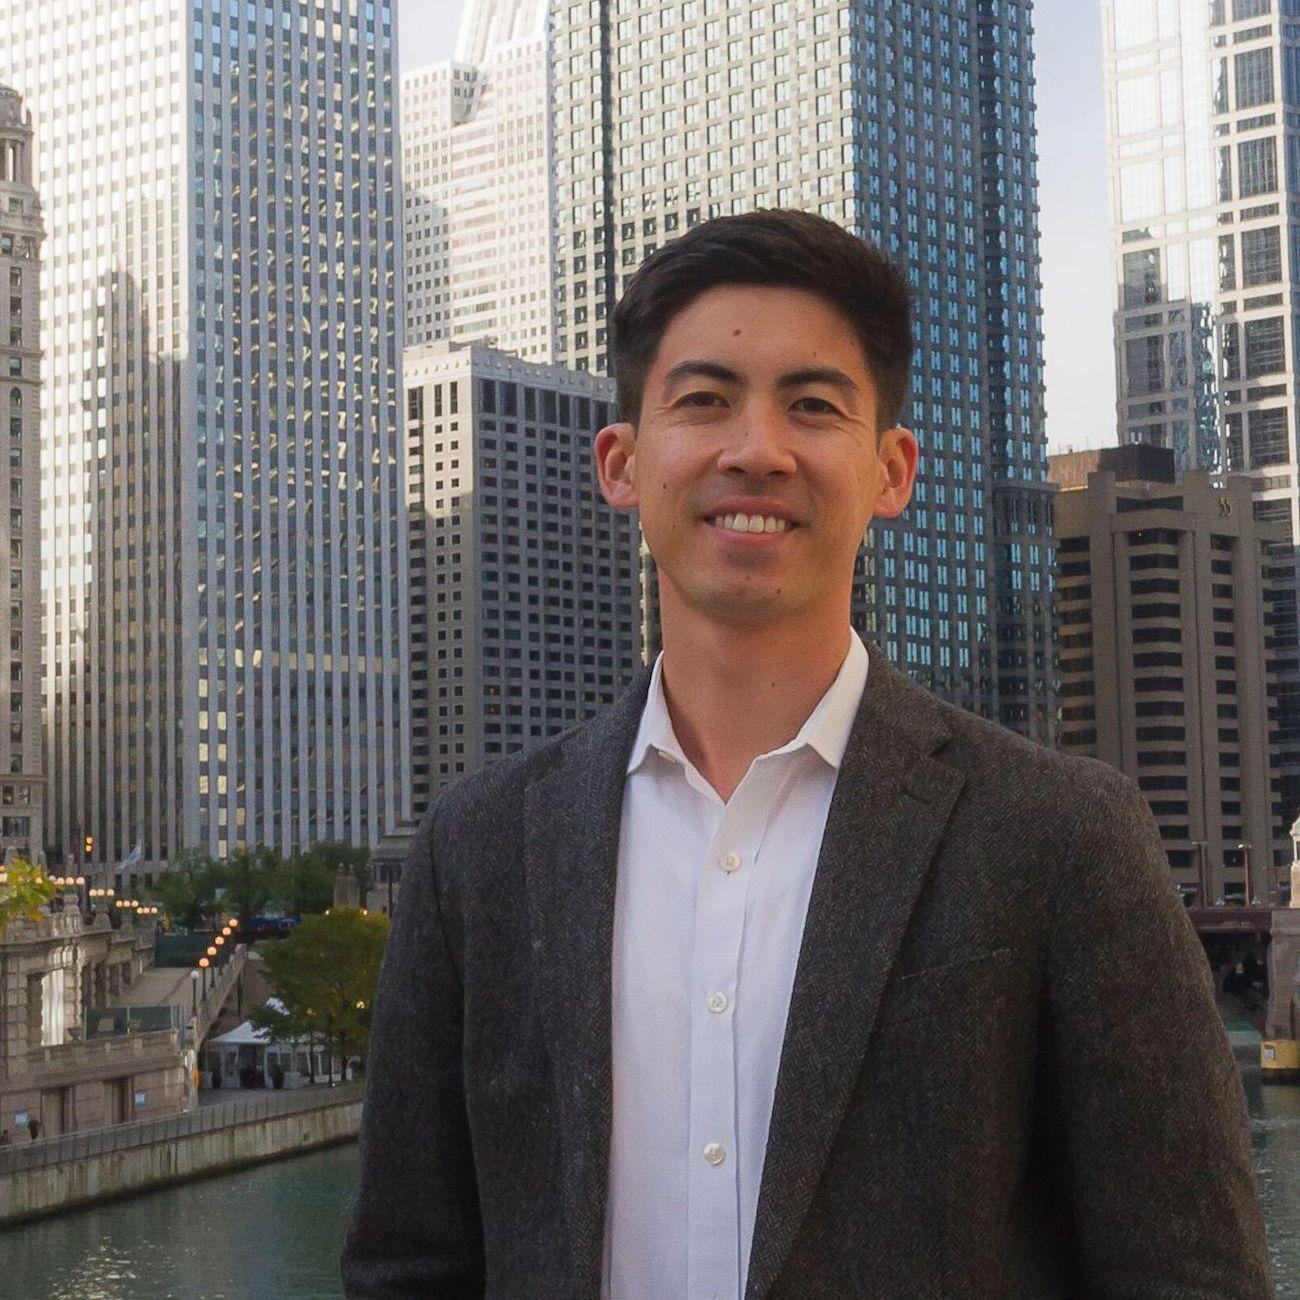 Andrew Morimoto